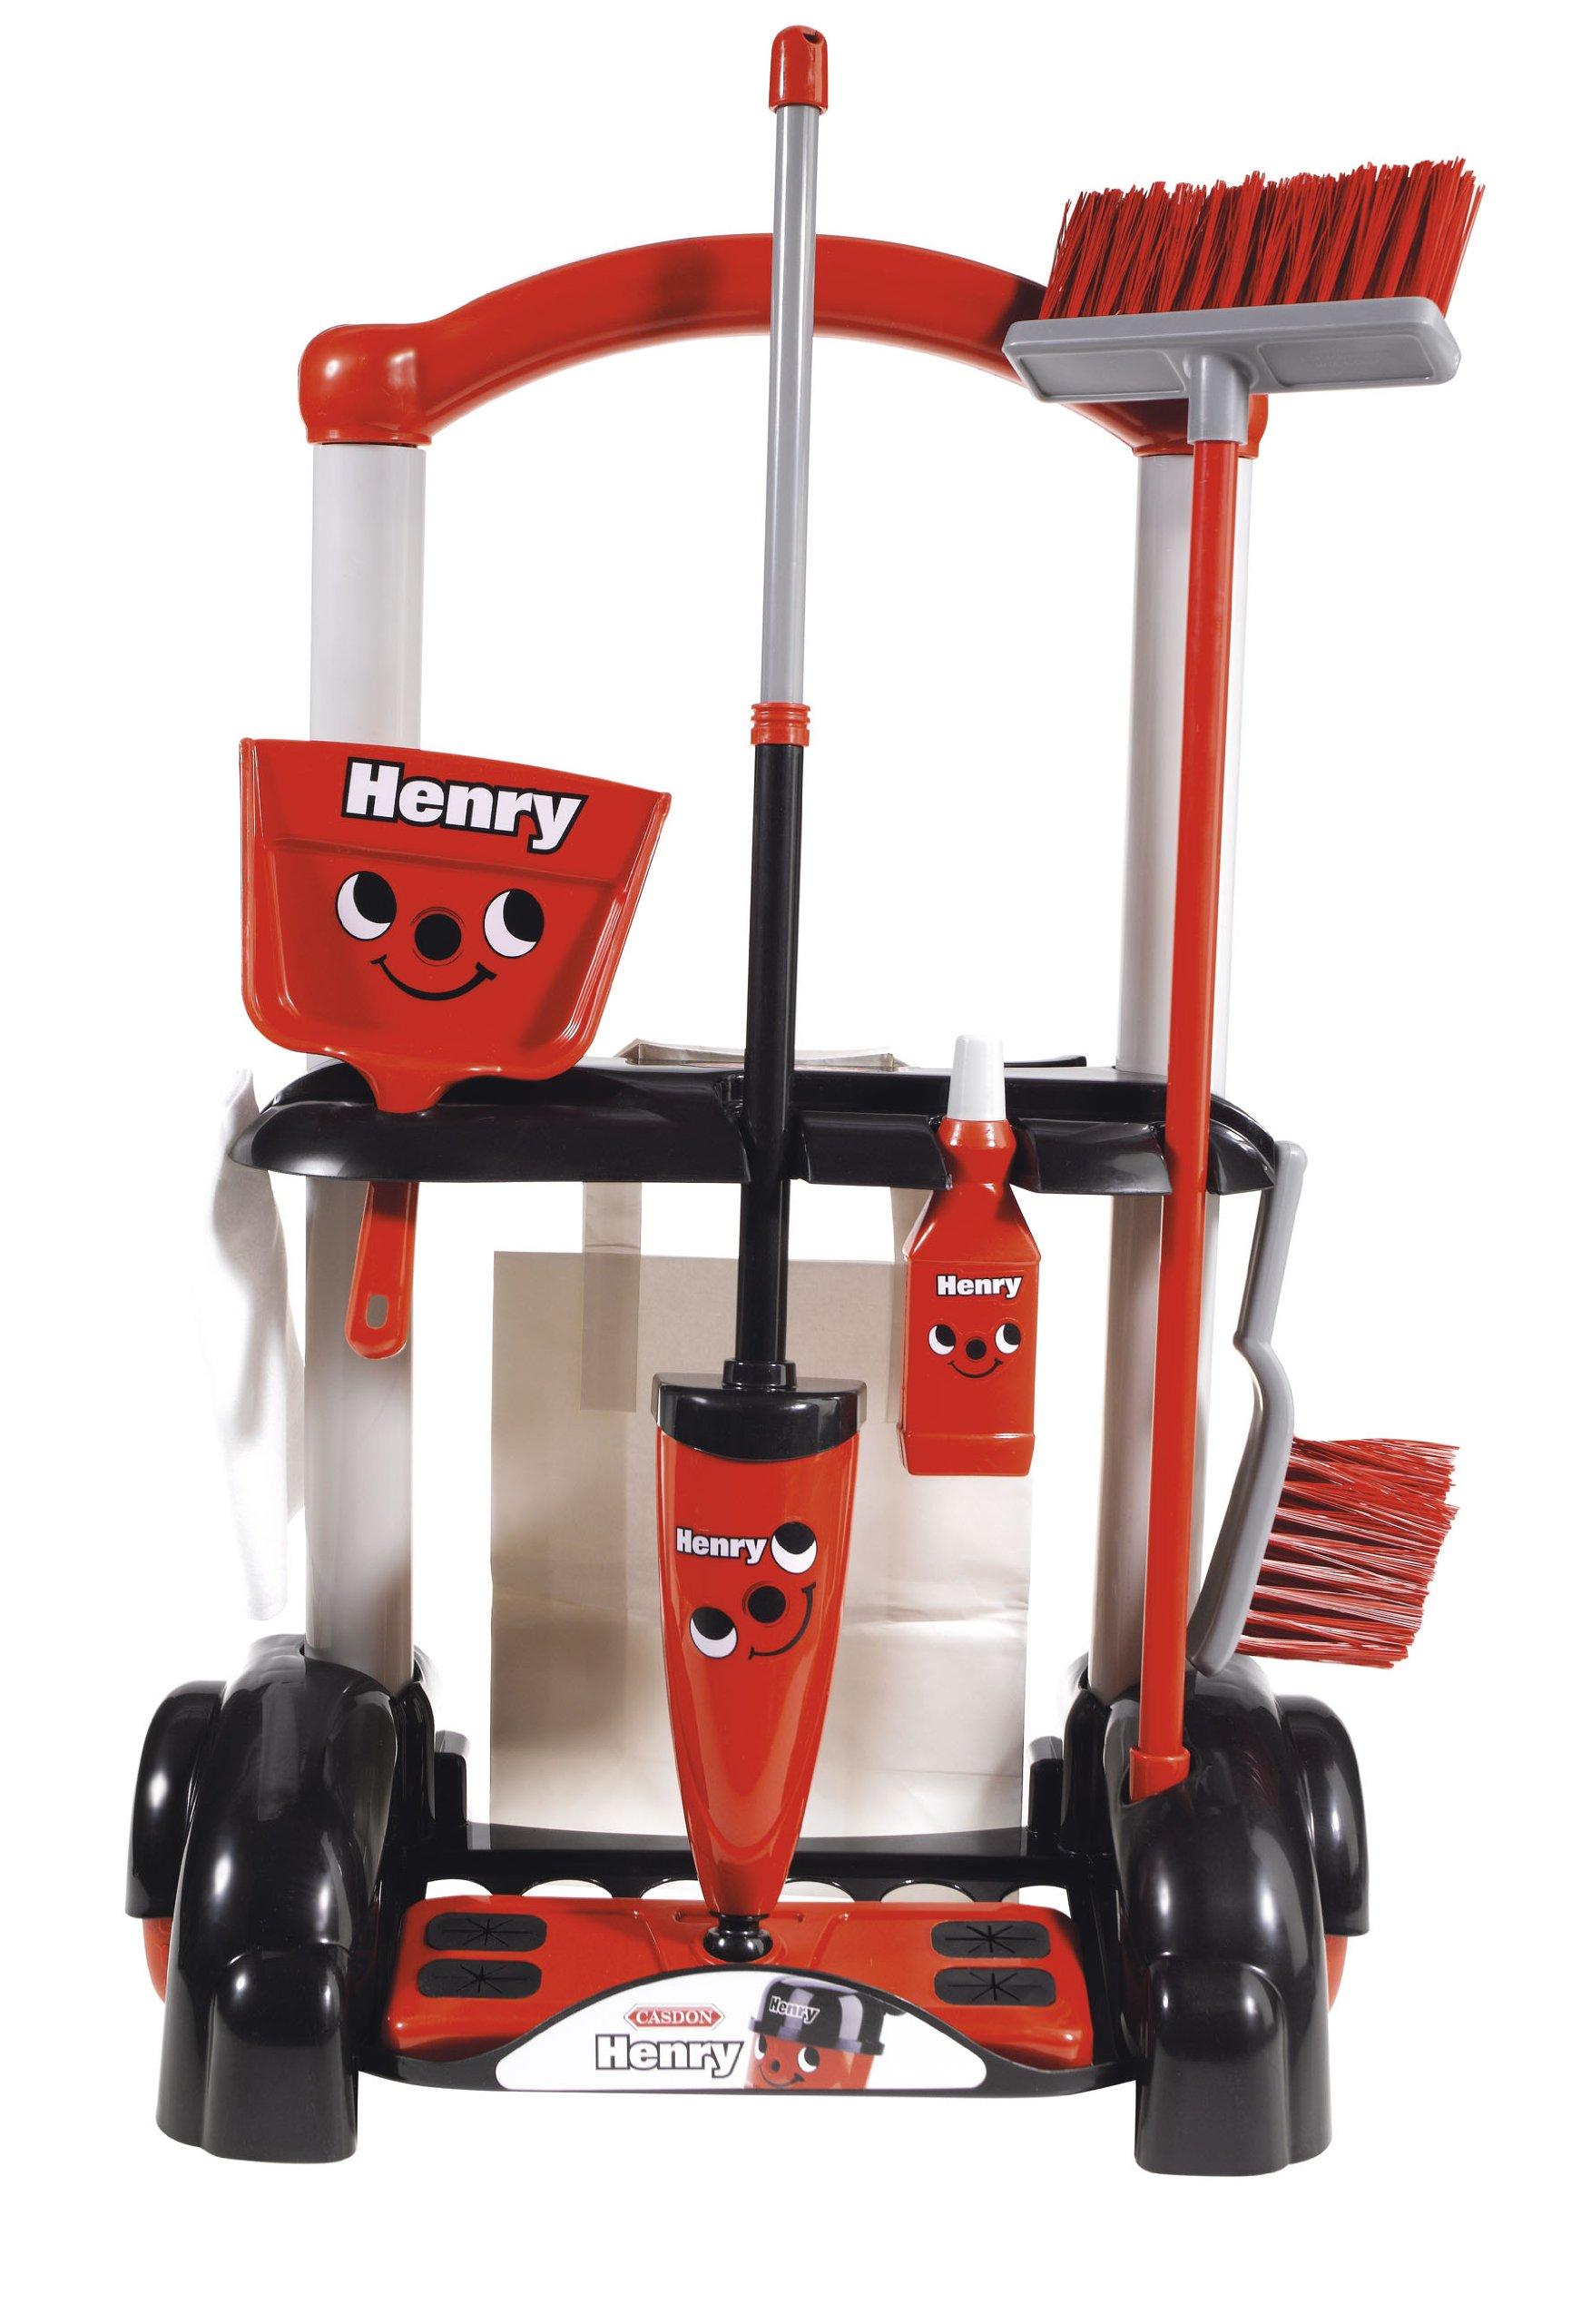 Casdon Henry Cleaning Trolley by Casdon - Little Helper